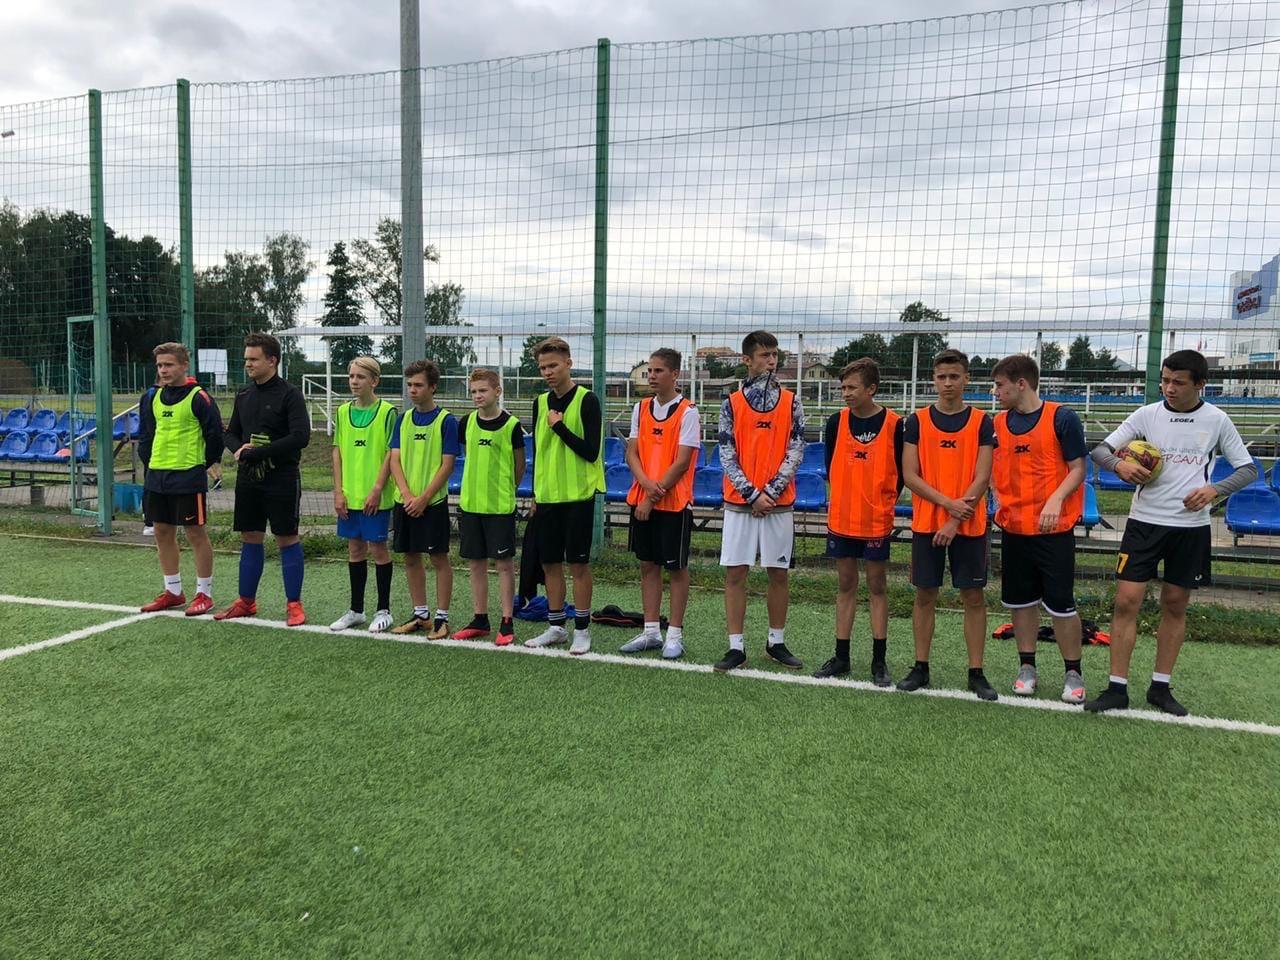 15 августа на стадионе им. А. Гринина состоялся Турнир по мини-футболу среди юношеских команд, посвящённый Дню города #Озеры95.